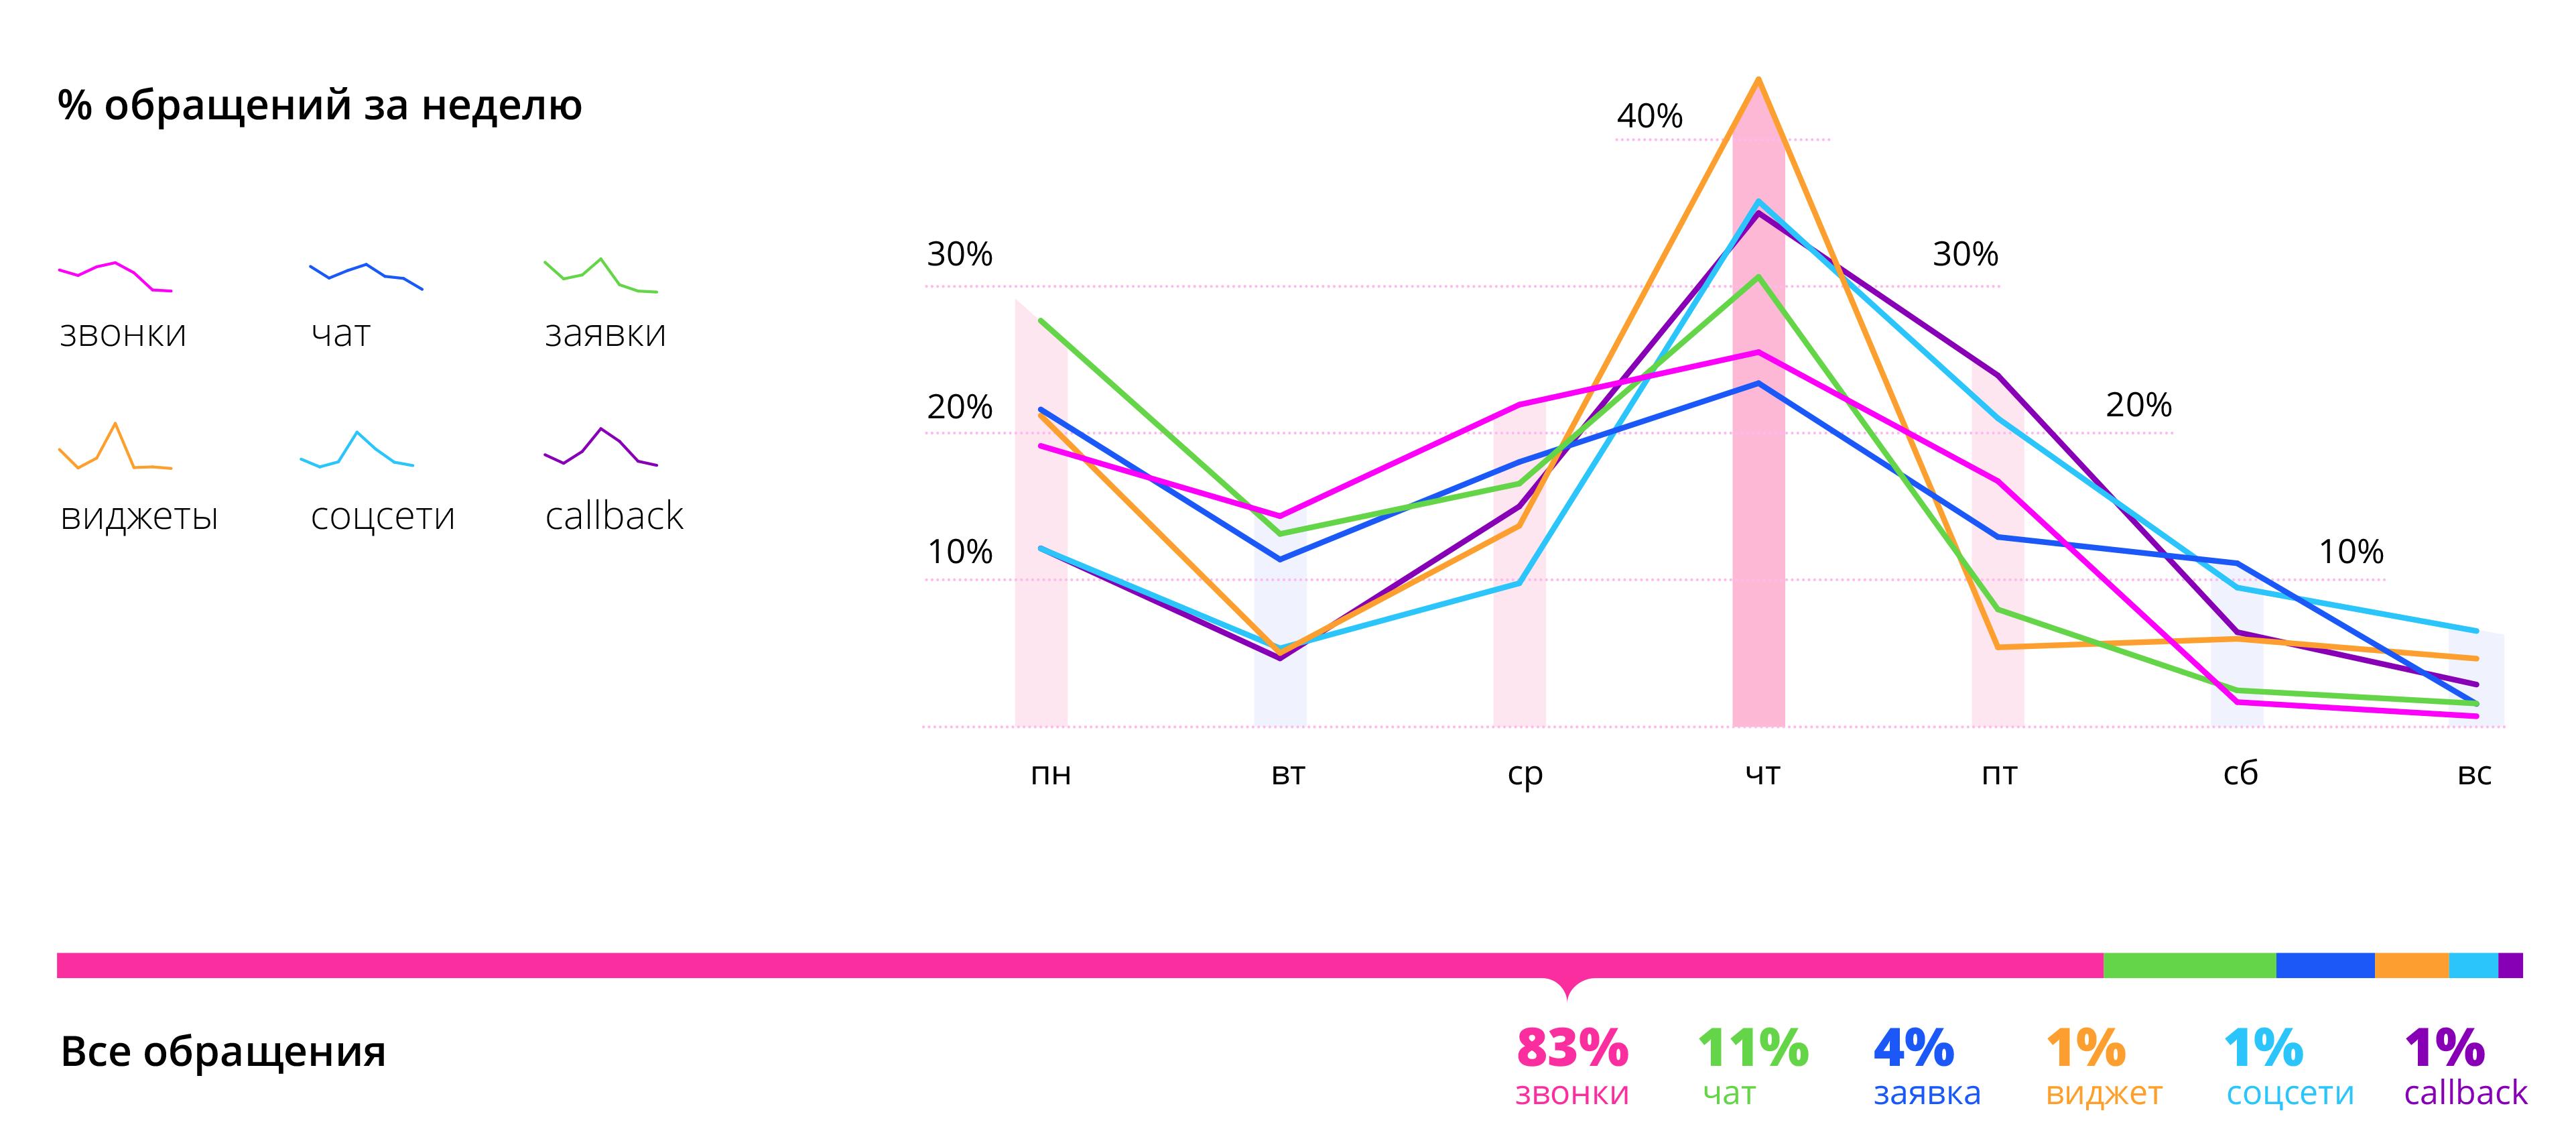 График входящих обращений в бухгалтерские фирмы по дням